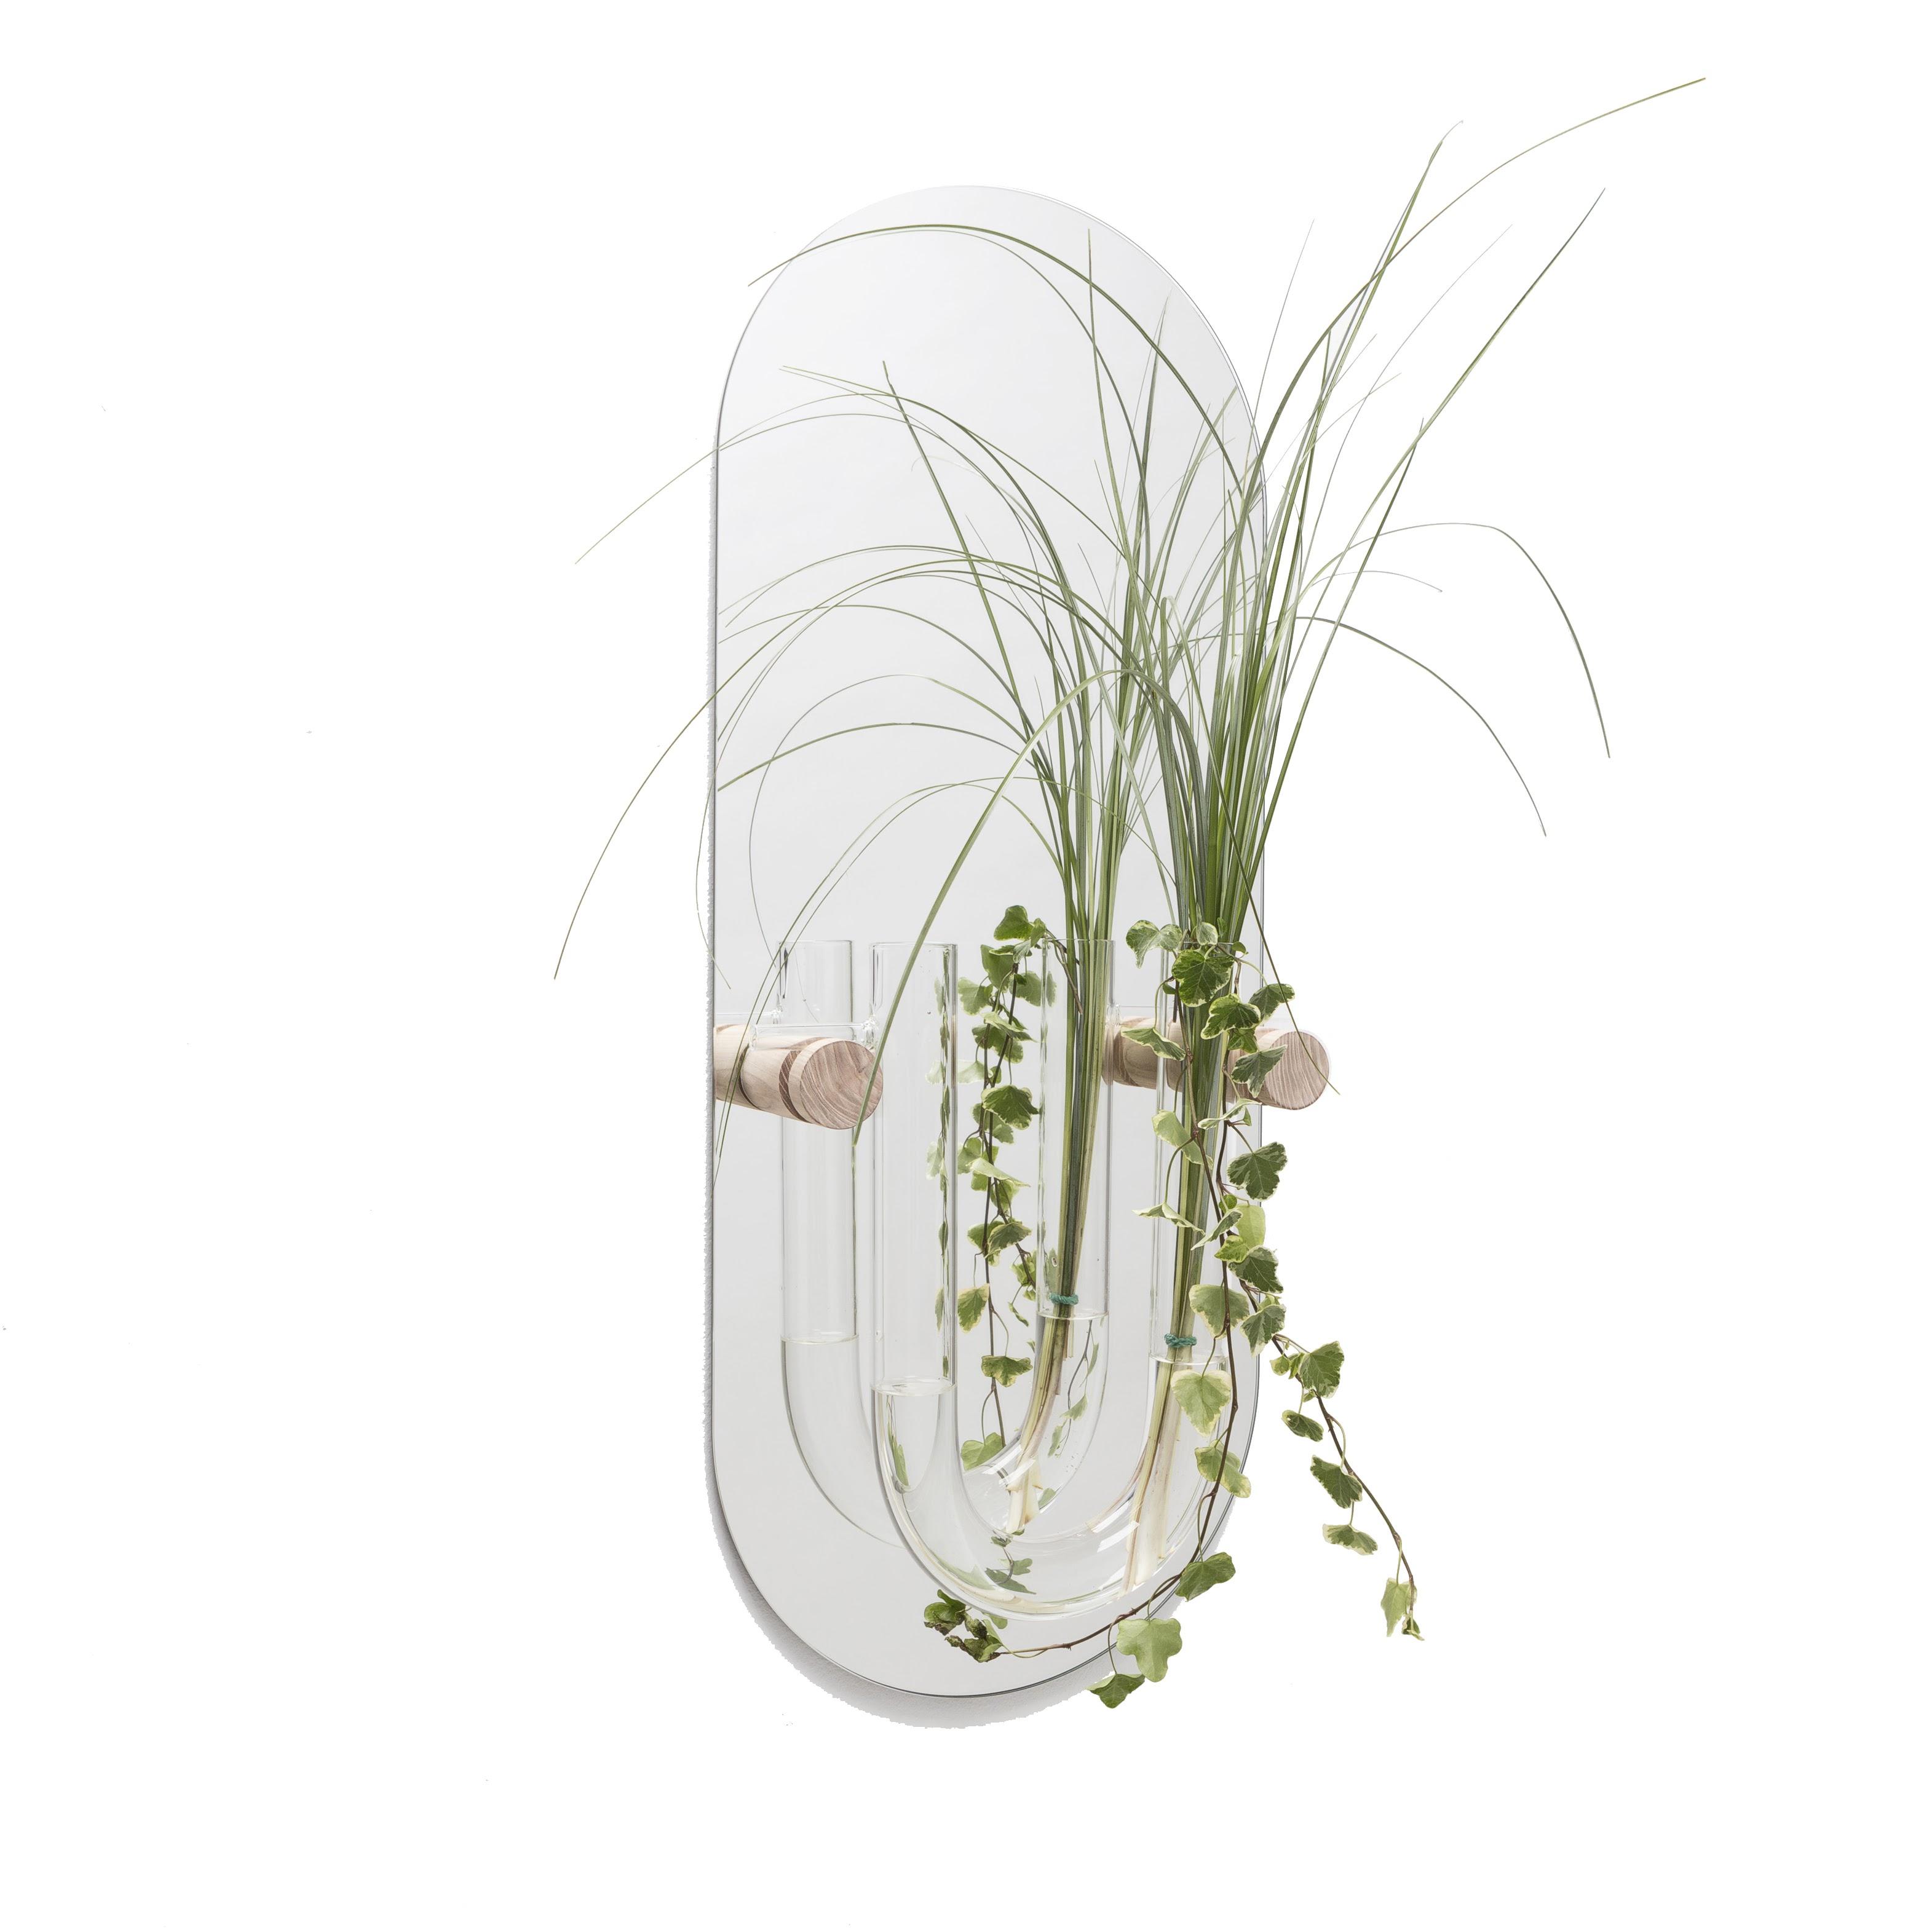 Spiegel Wandvaas Plant You Tube M Clear Vantjalleenjasper